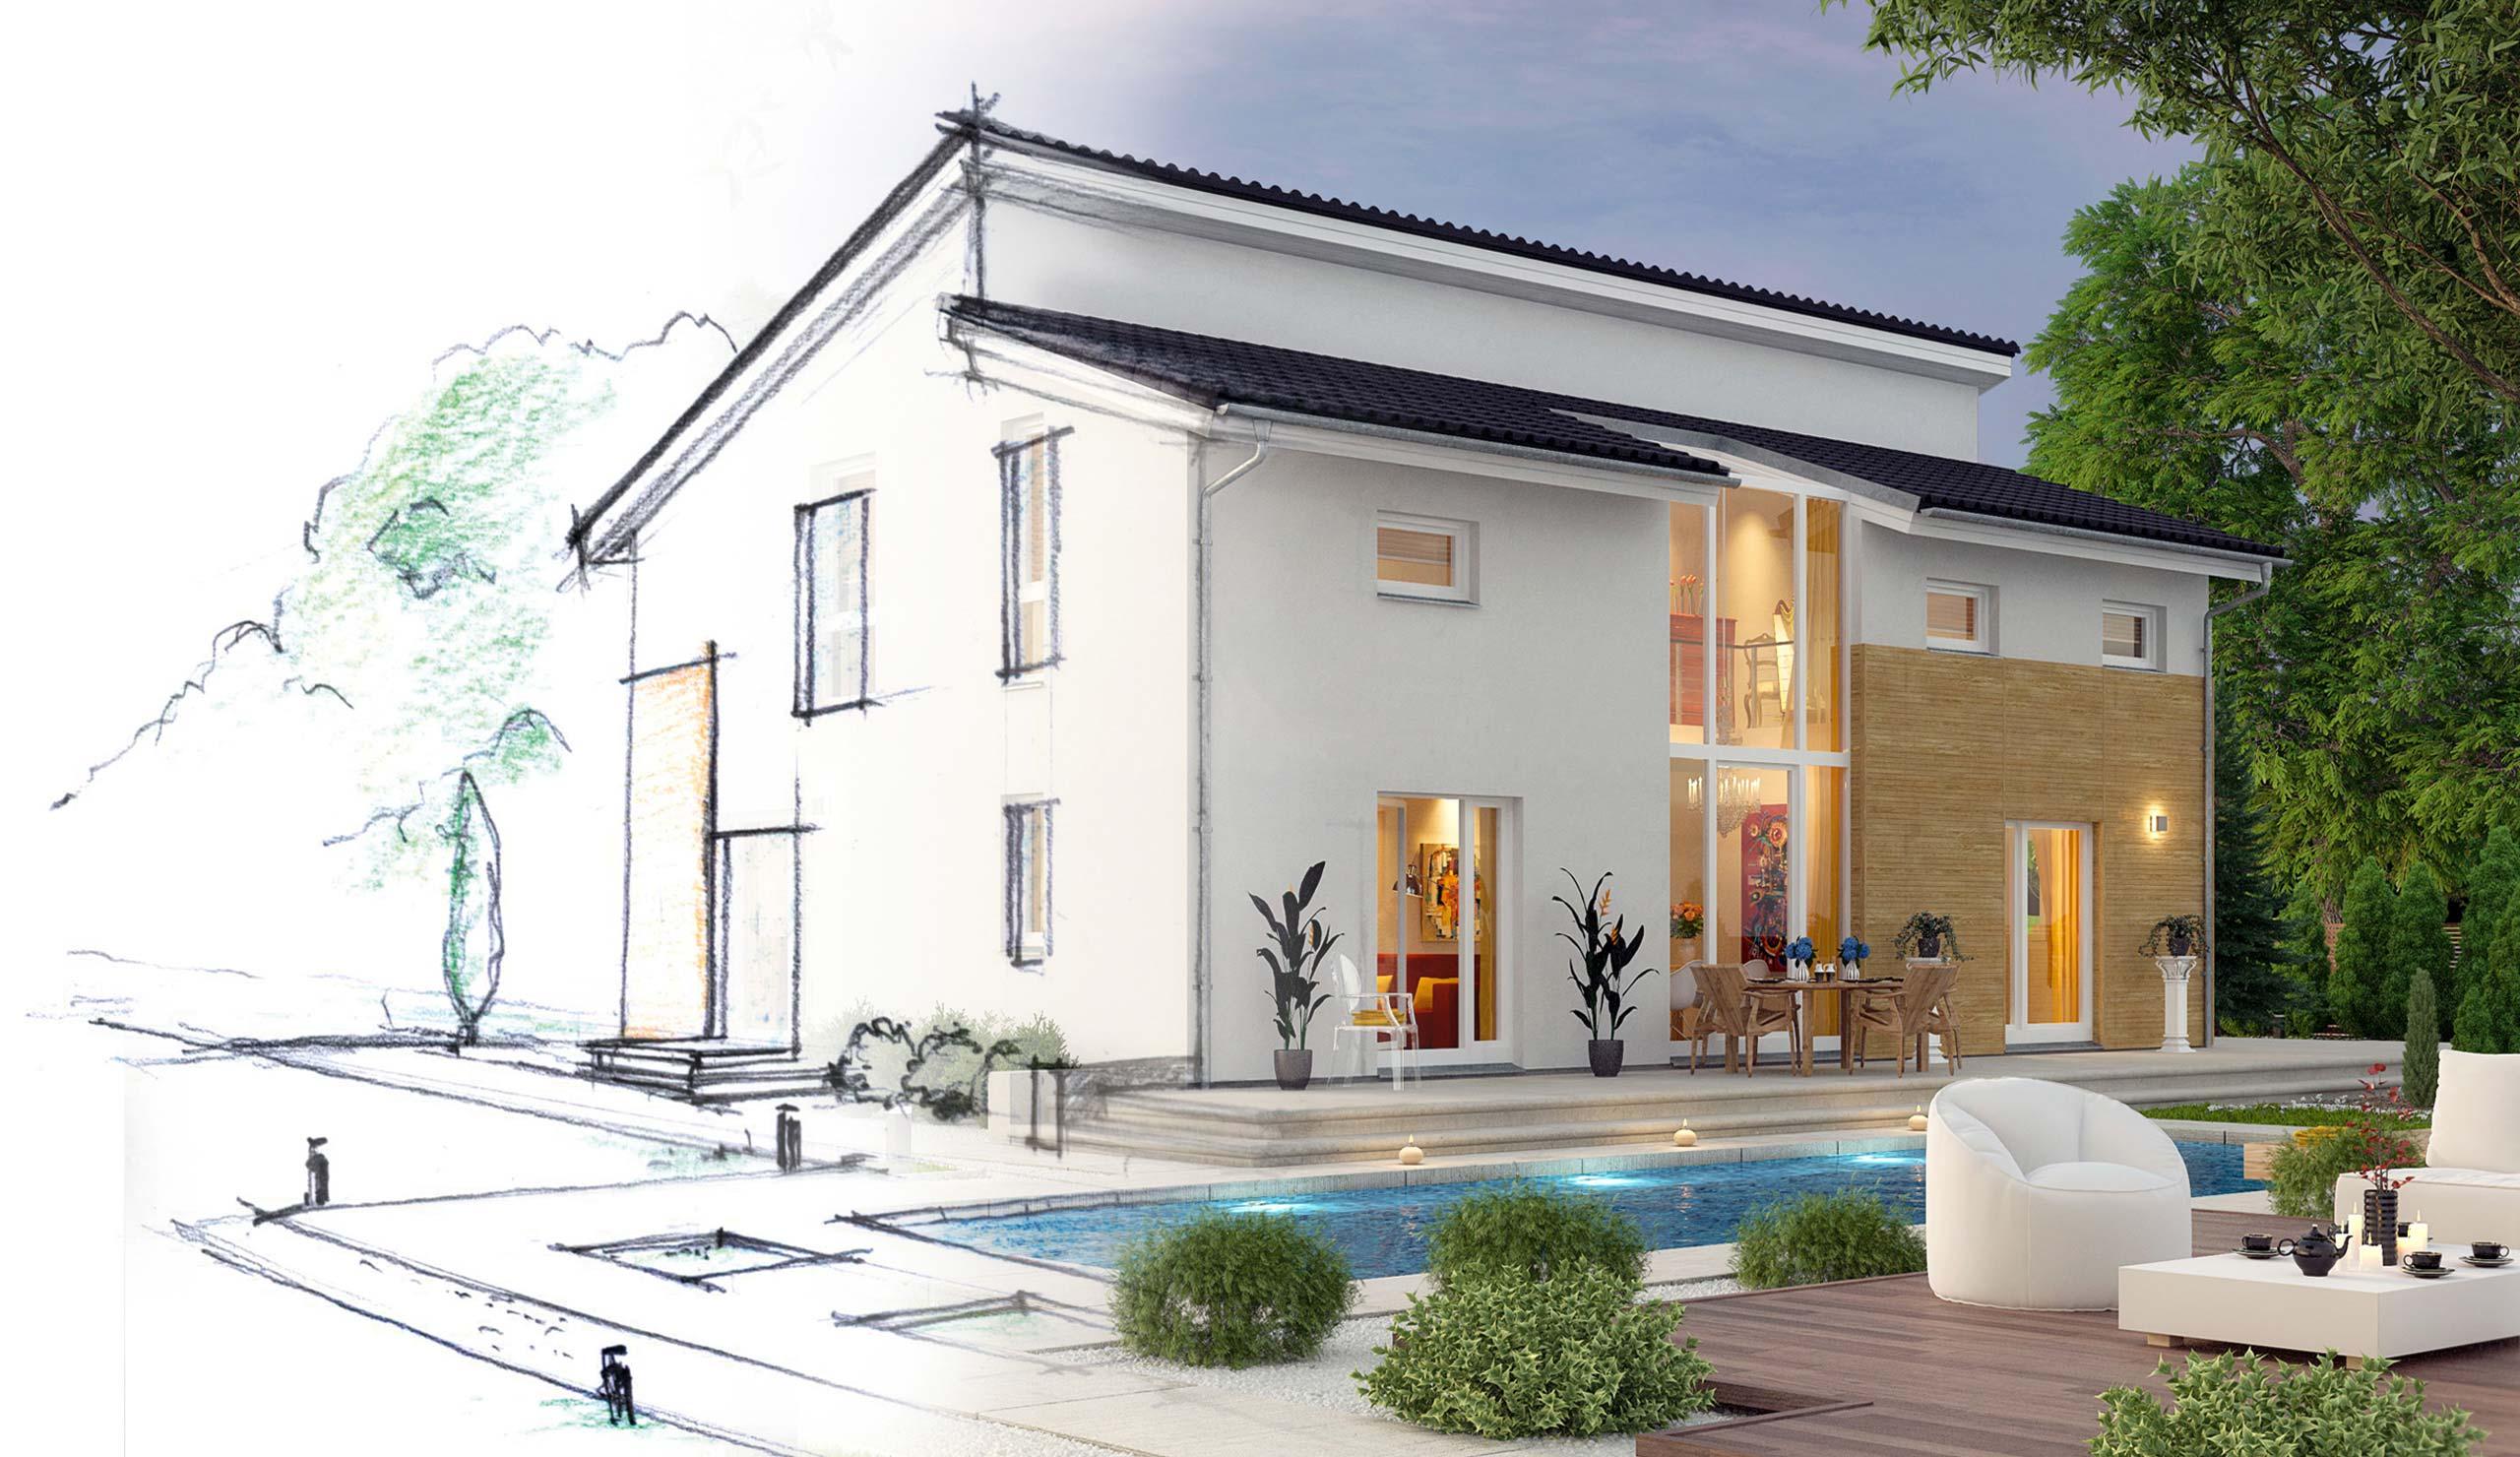 fertighaus von prohaus g nstig bauen g nstige. Black Bedroom Furniture Sets. Home Design Ideas